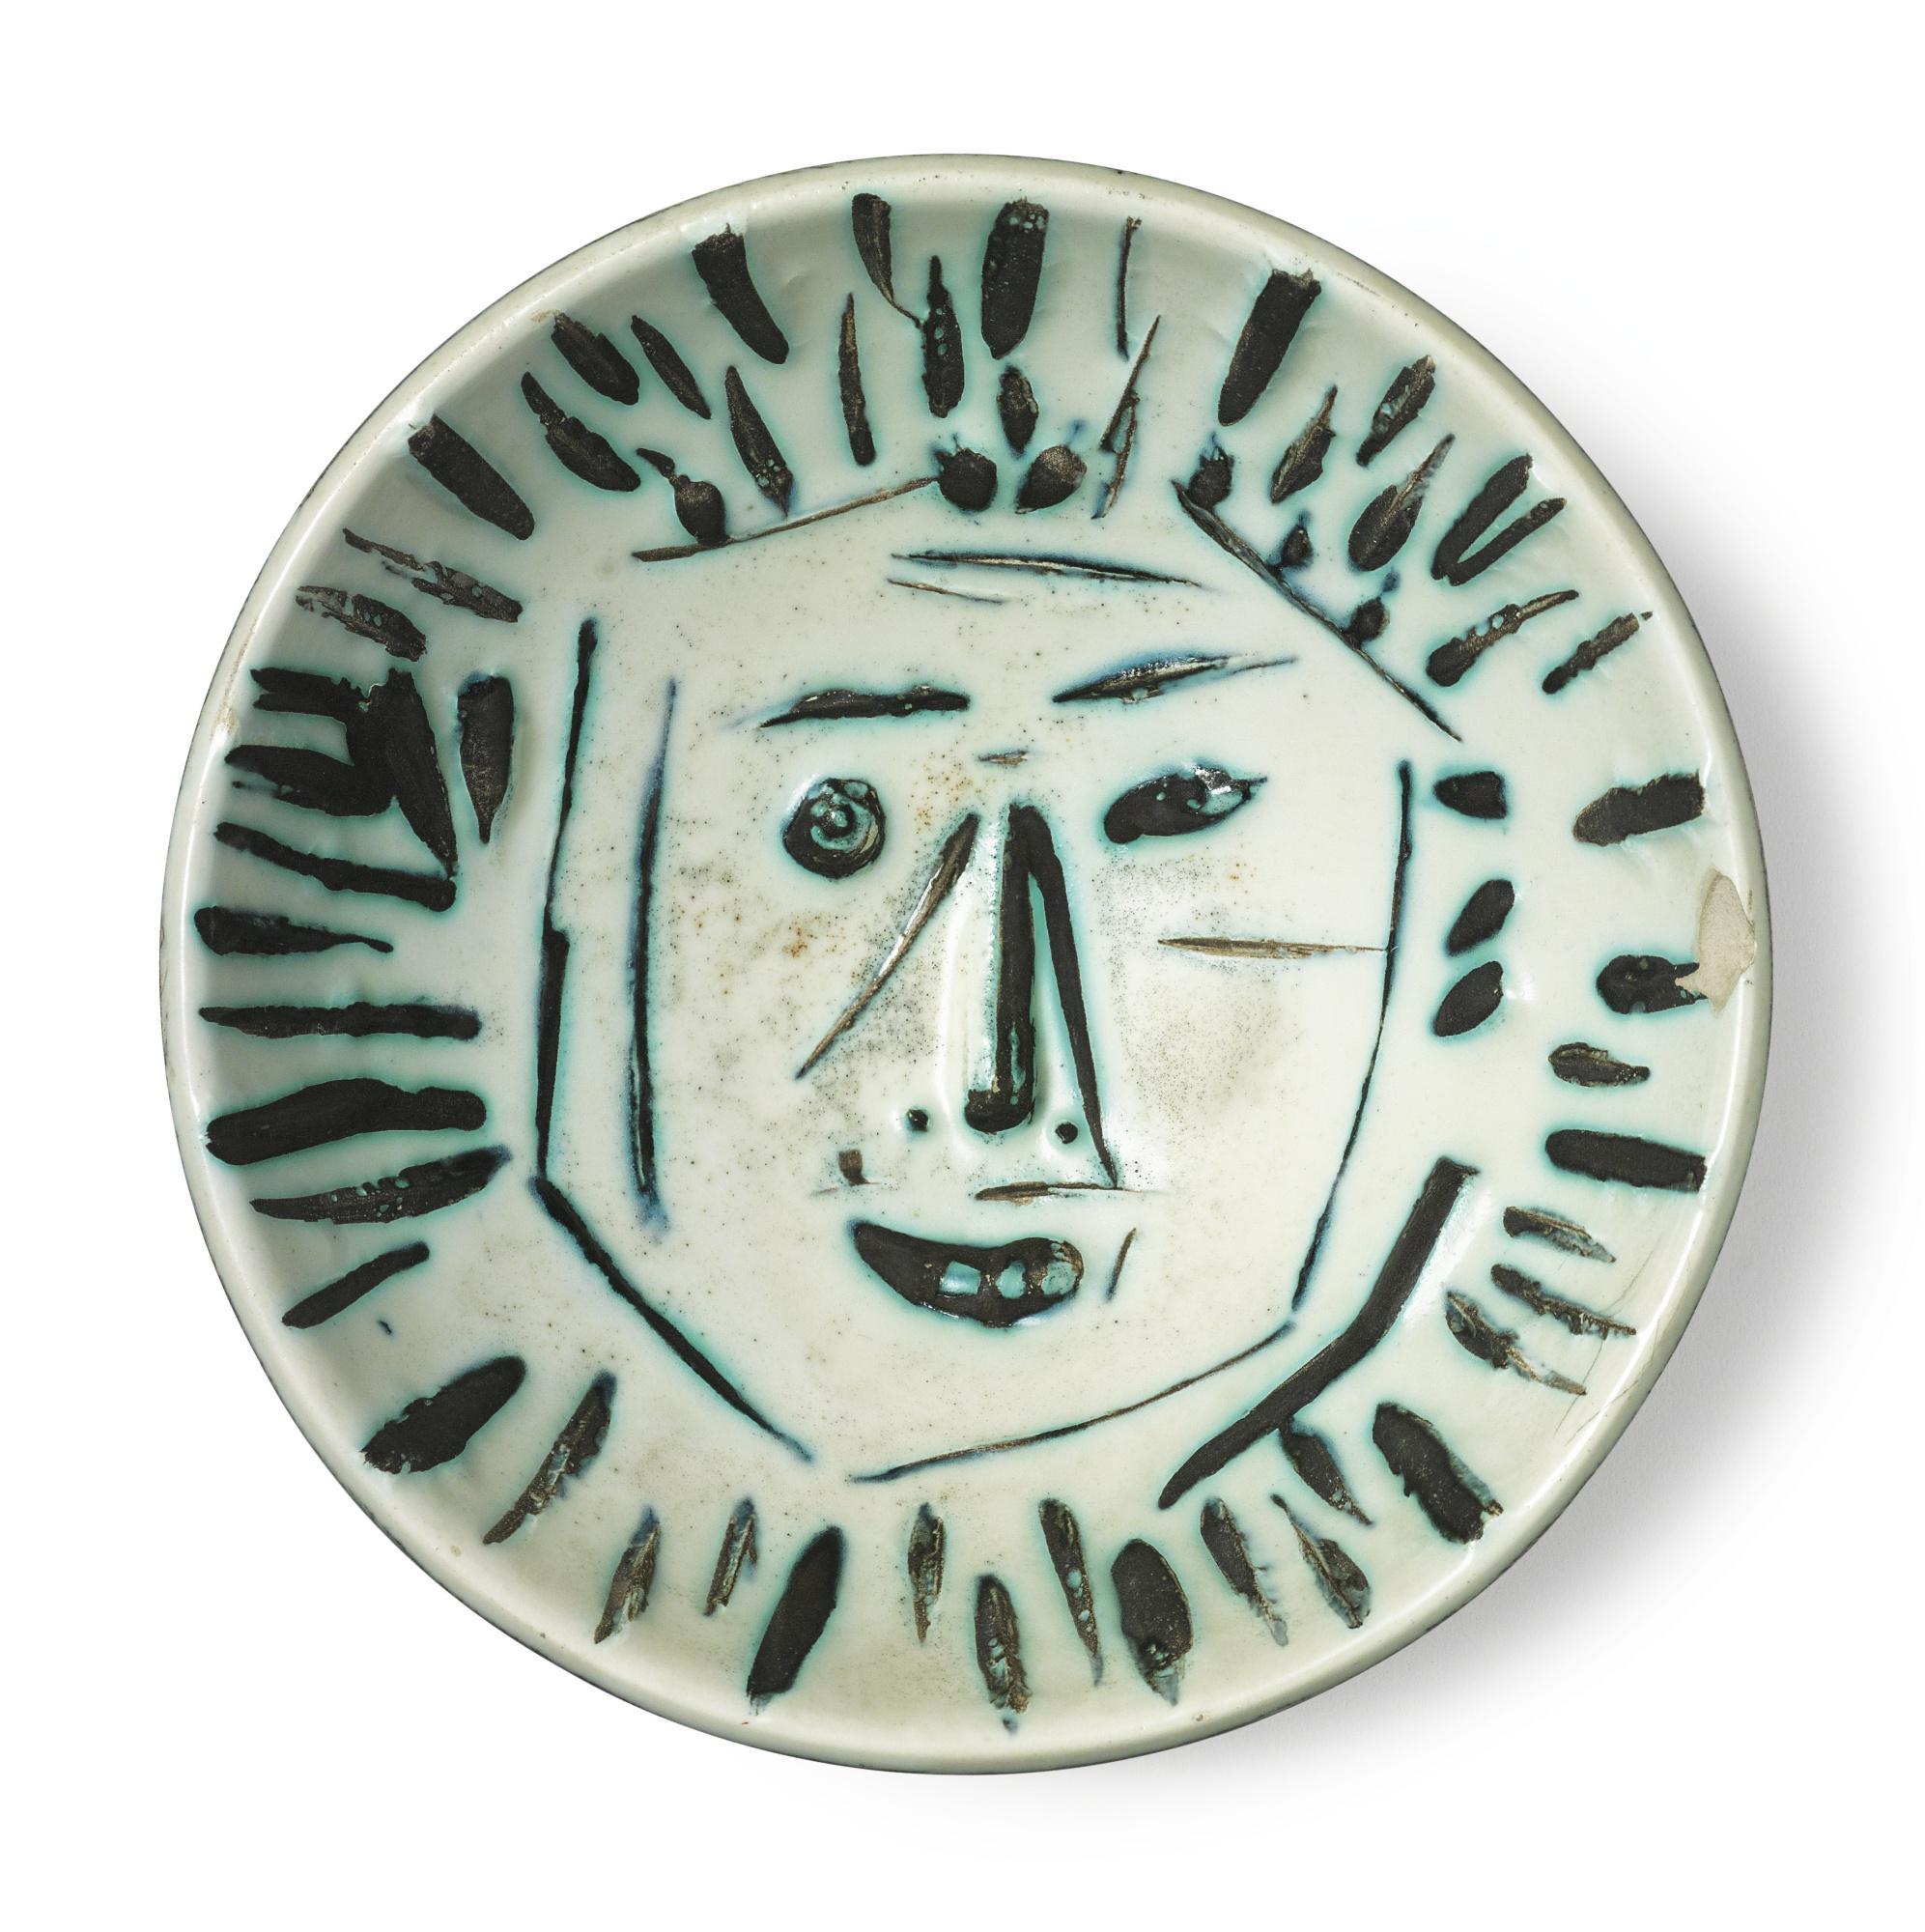 Pablo Picasso-Visage De Face(A. R. 454)-1960